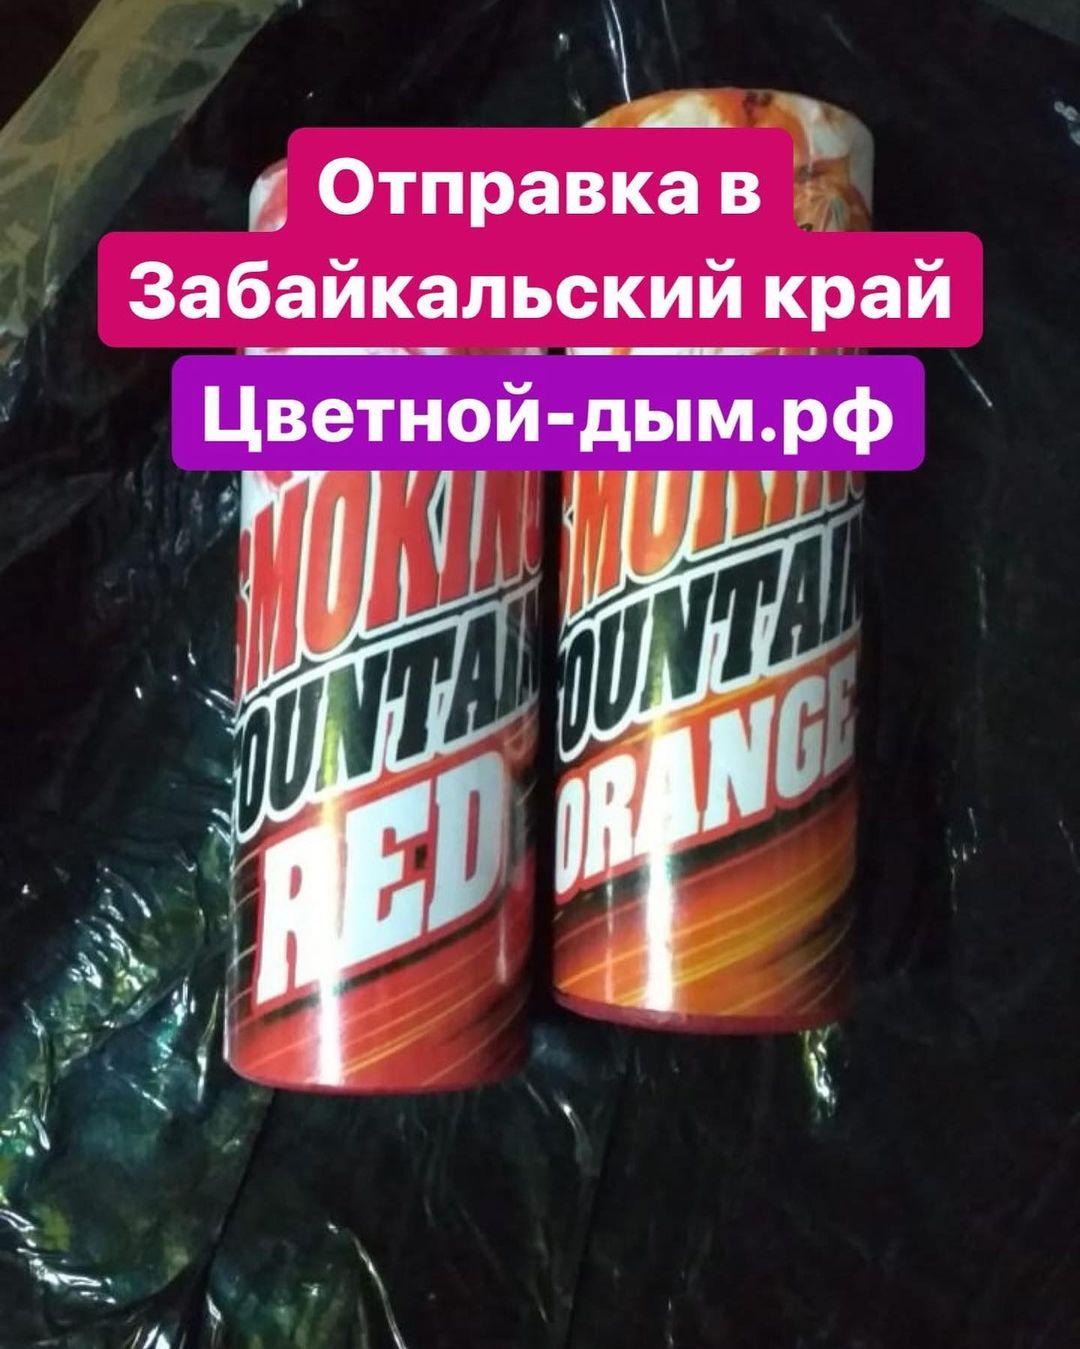 ЦВетной дым отправка двух Смок фонтанов - Цветной-дым.рф отзывы